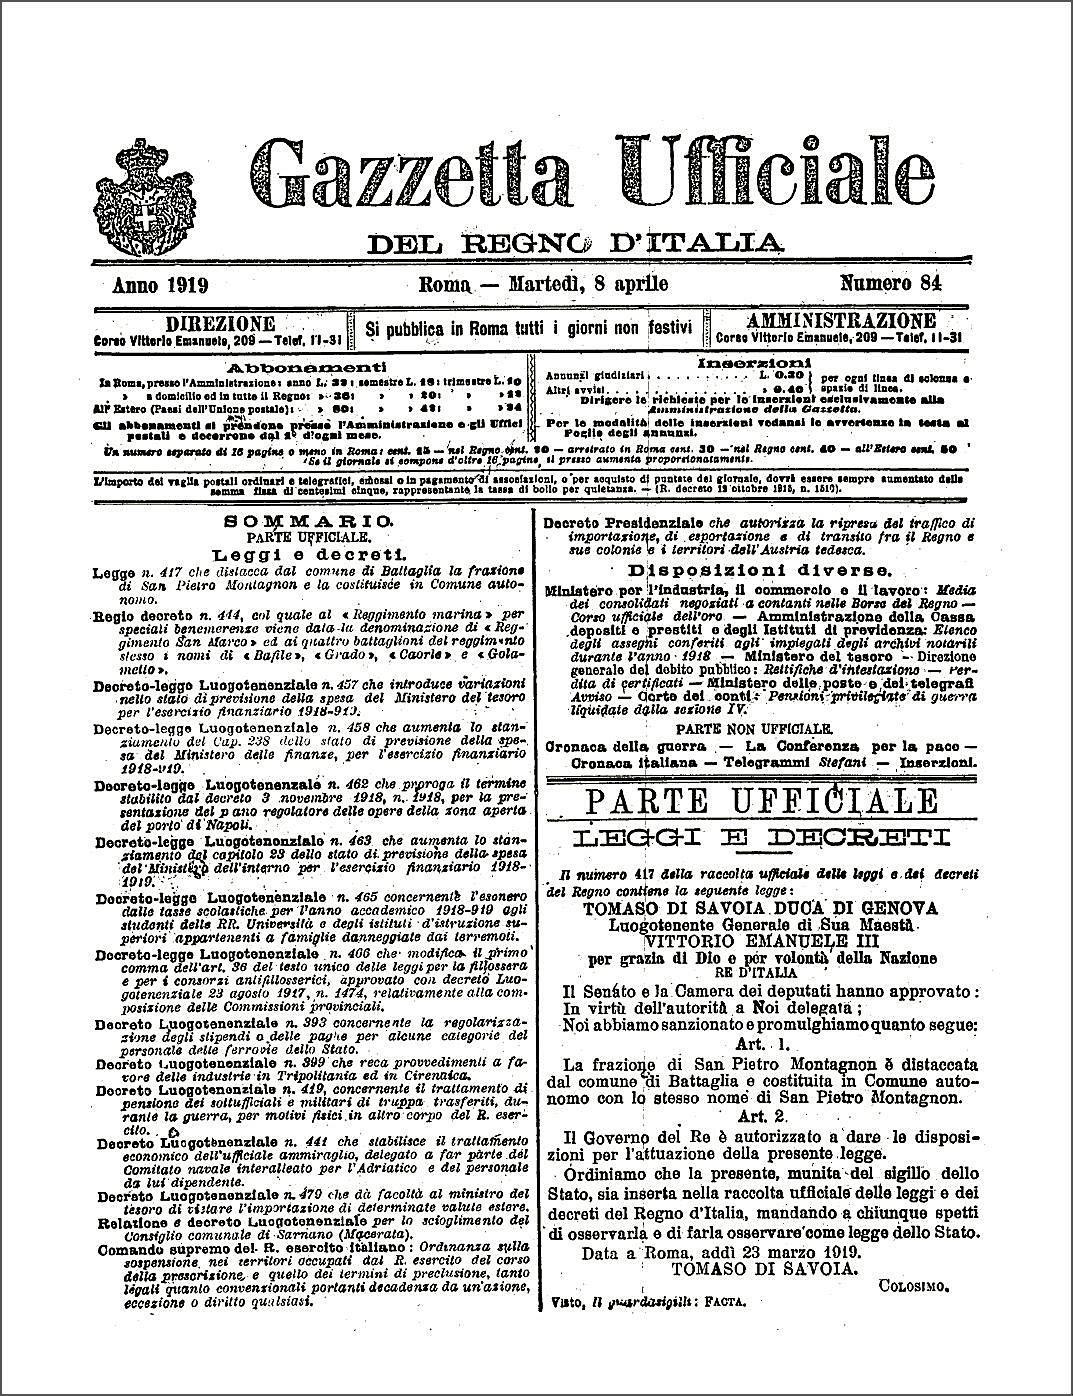 La prima pagina della Gazzetta Ufficiale dell'8 aprile 1919, in cui venne pubblicata la Legge 23 marzo 1919 N. 417.